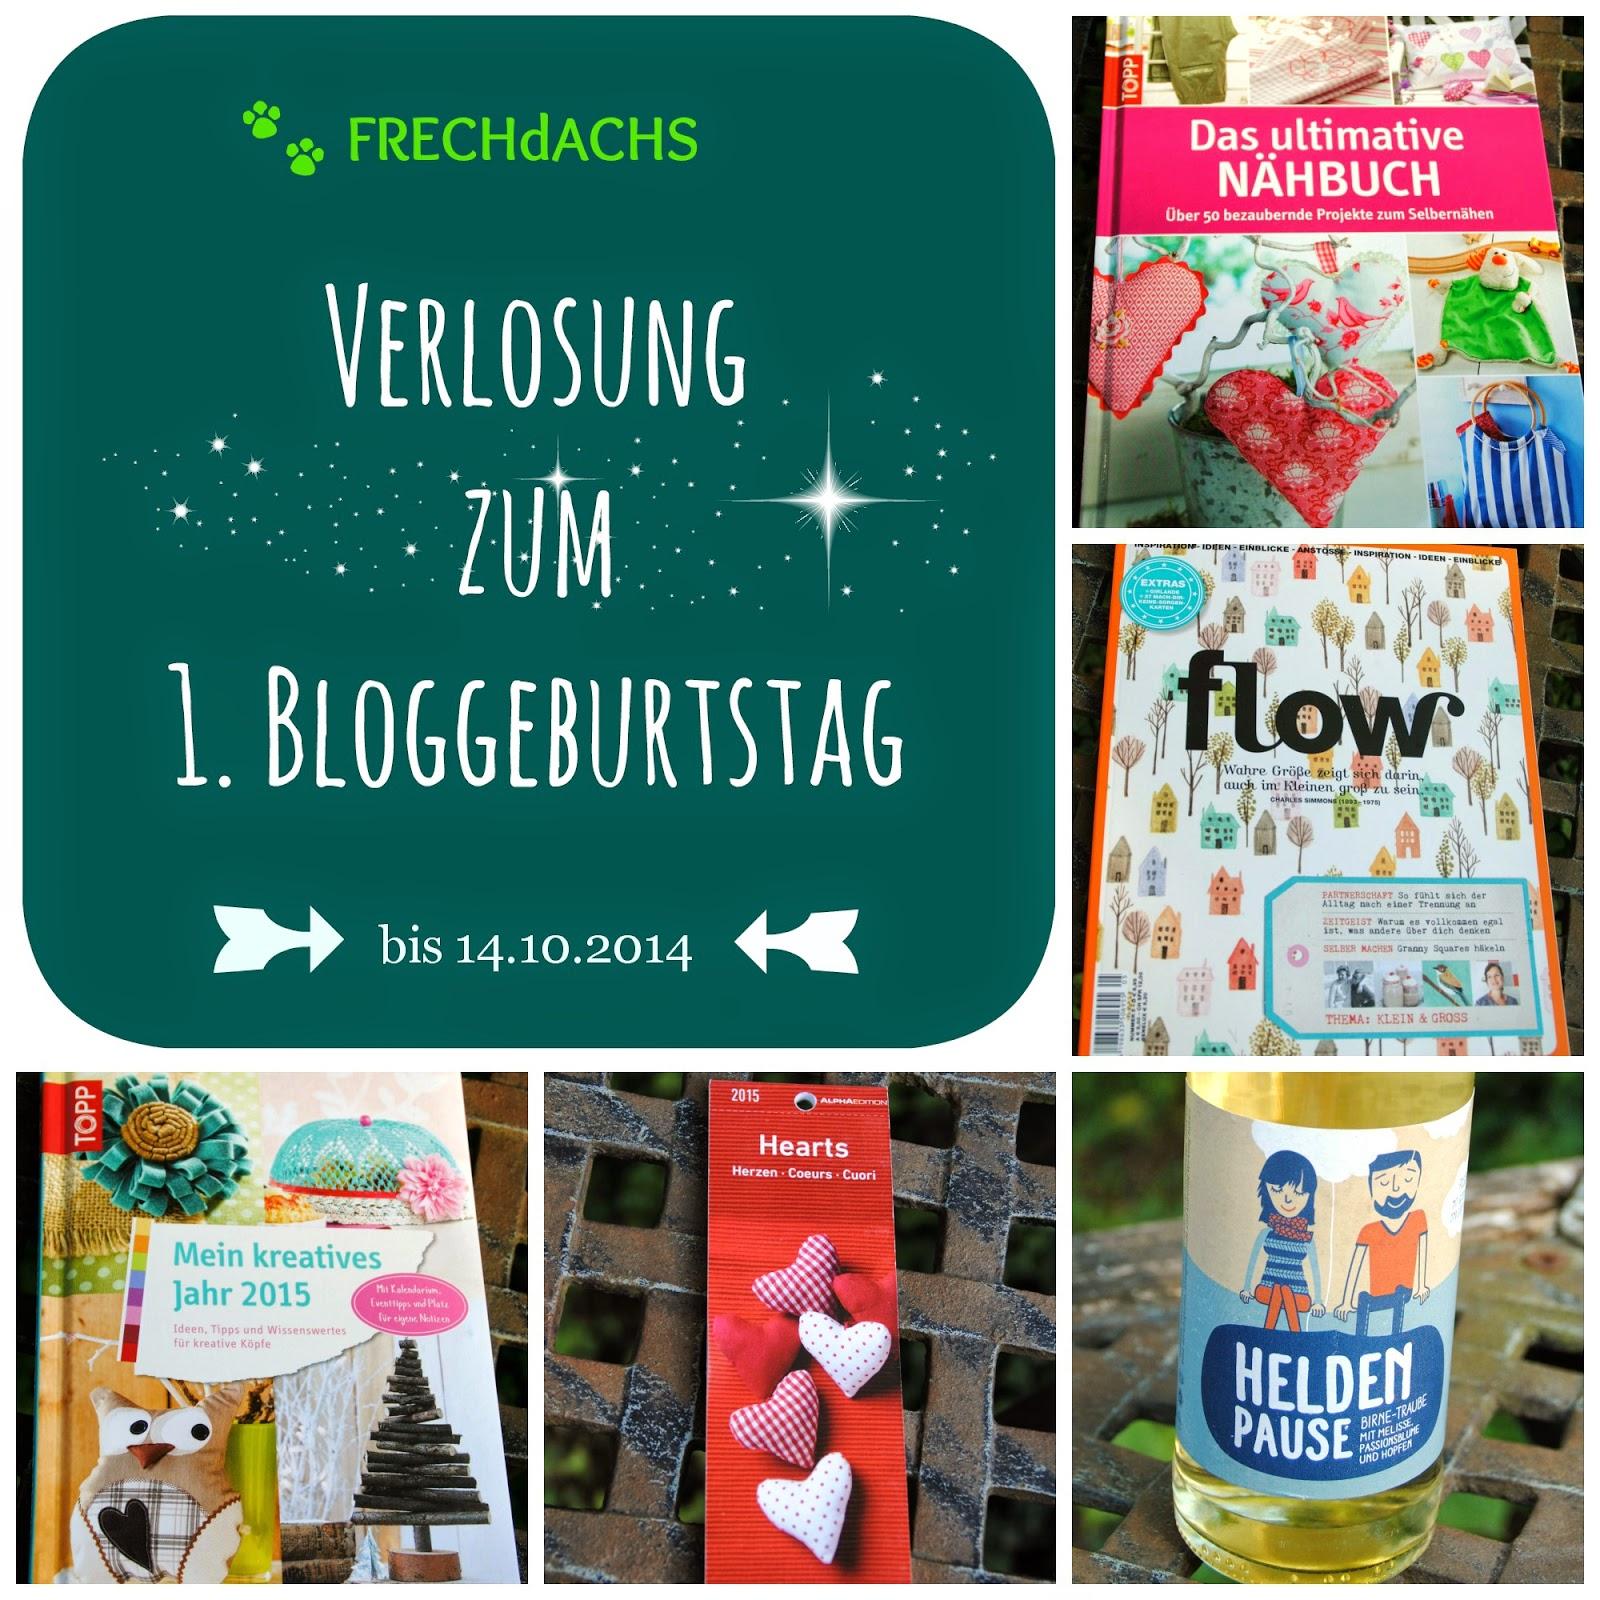 http://frechdachswelt.blogspot.de/2014/10/auszeit-verlosung-zum-1-bloggbegurtstag.html